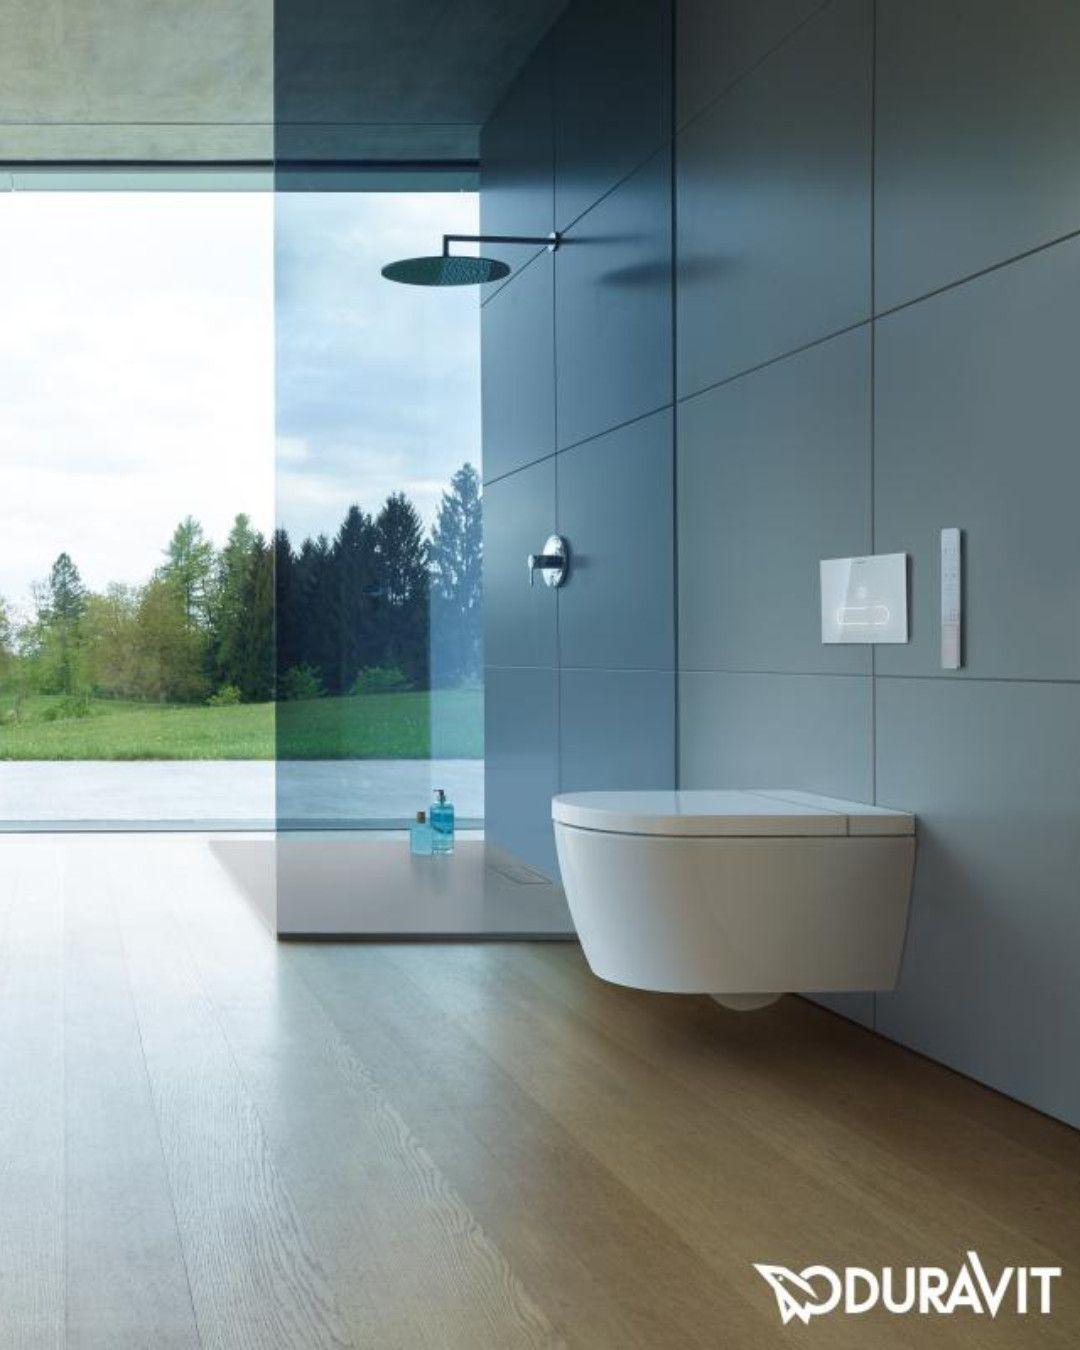 Duravit Sensowash Starck F Plus Compact Dusch Wc Mit Wc Sitz 650000012004320 In 2020 Wc Mit Dusche Badezimmer Einrichtung Moderne Dusche